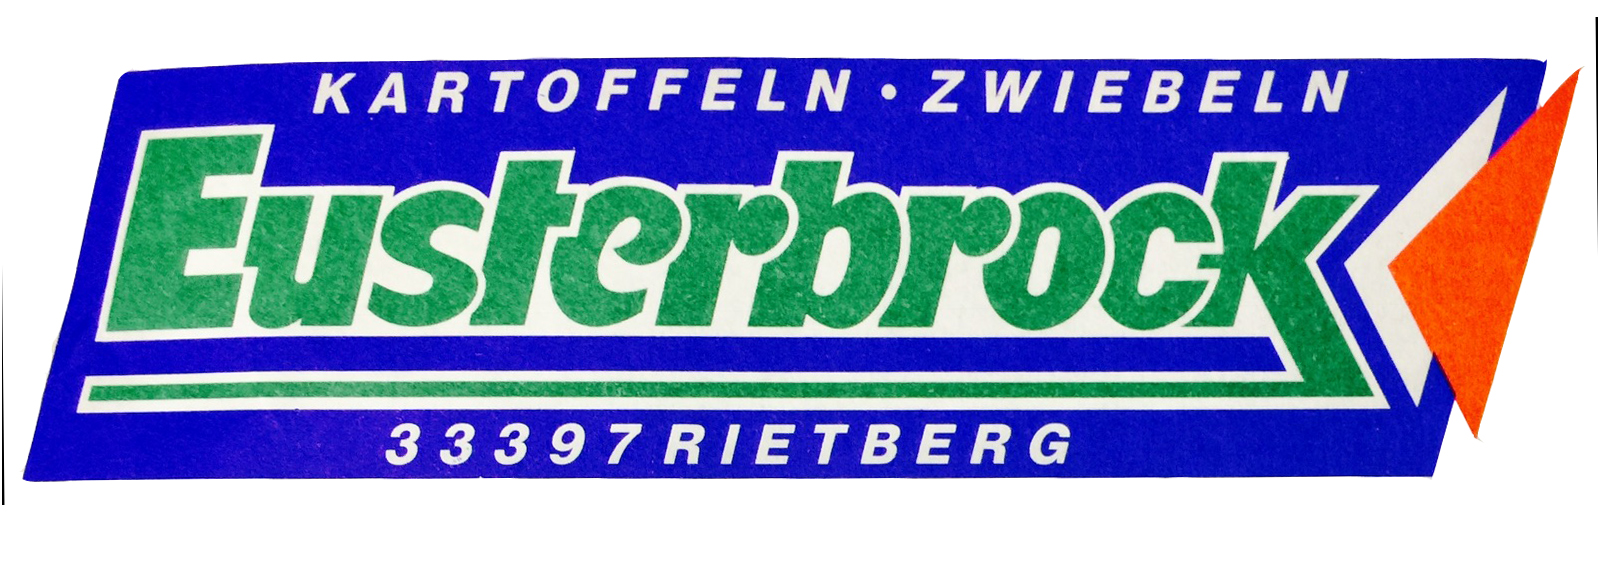 Bernhard Eusterbrock Landhandel GmbH